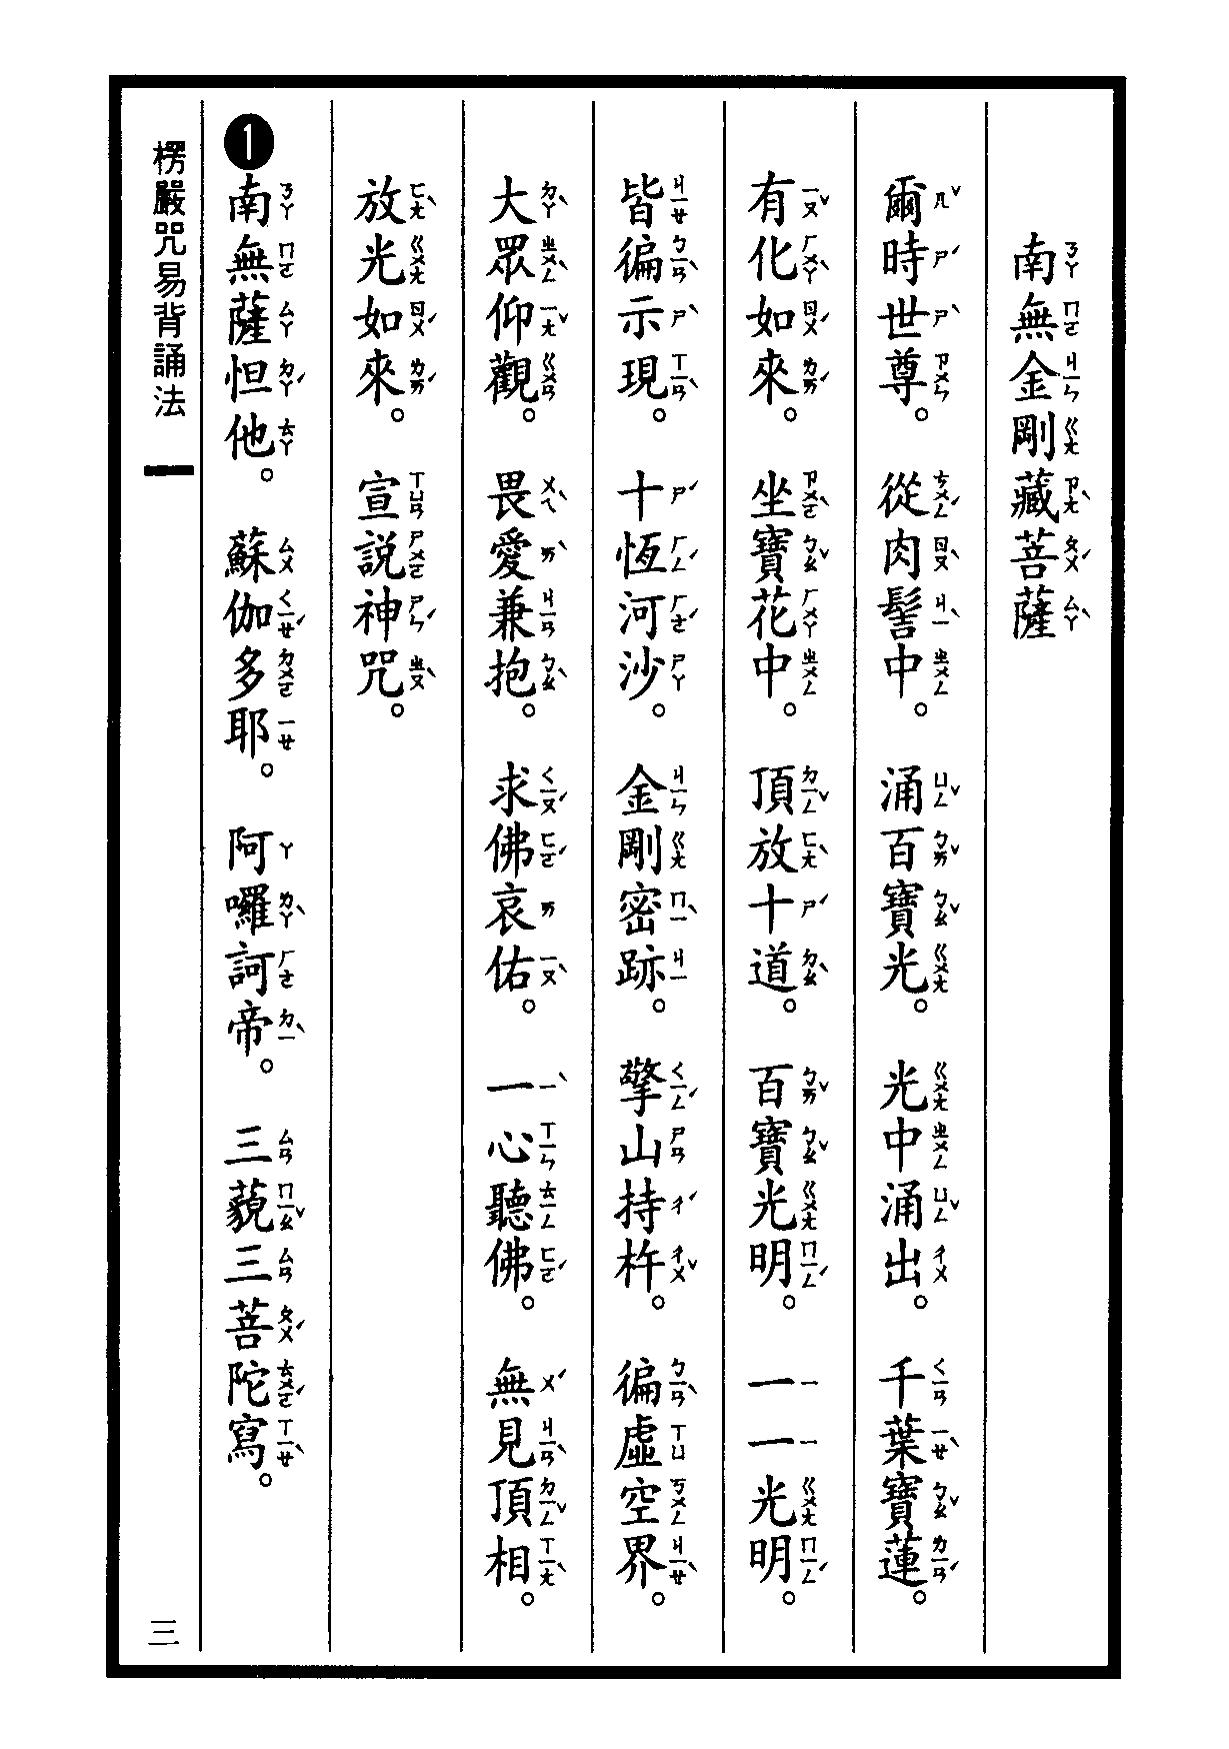 楞嚴咒-大悲咒-十小咒-易背本 9.png